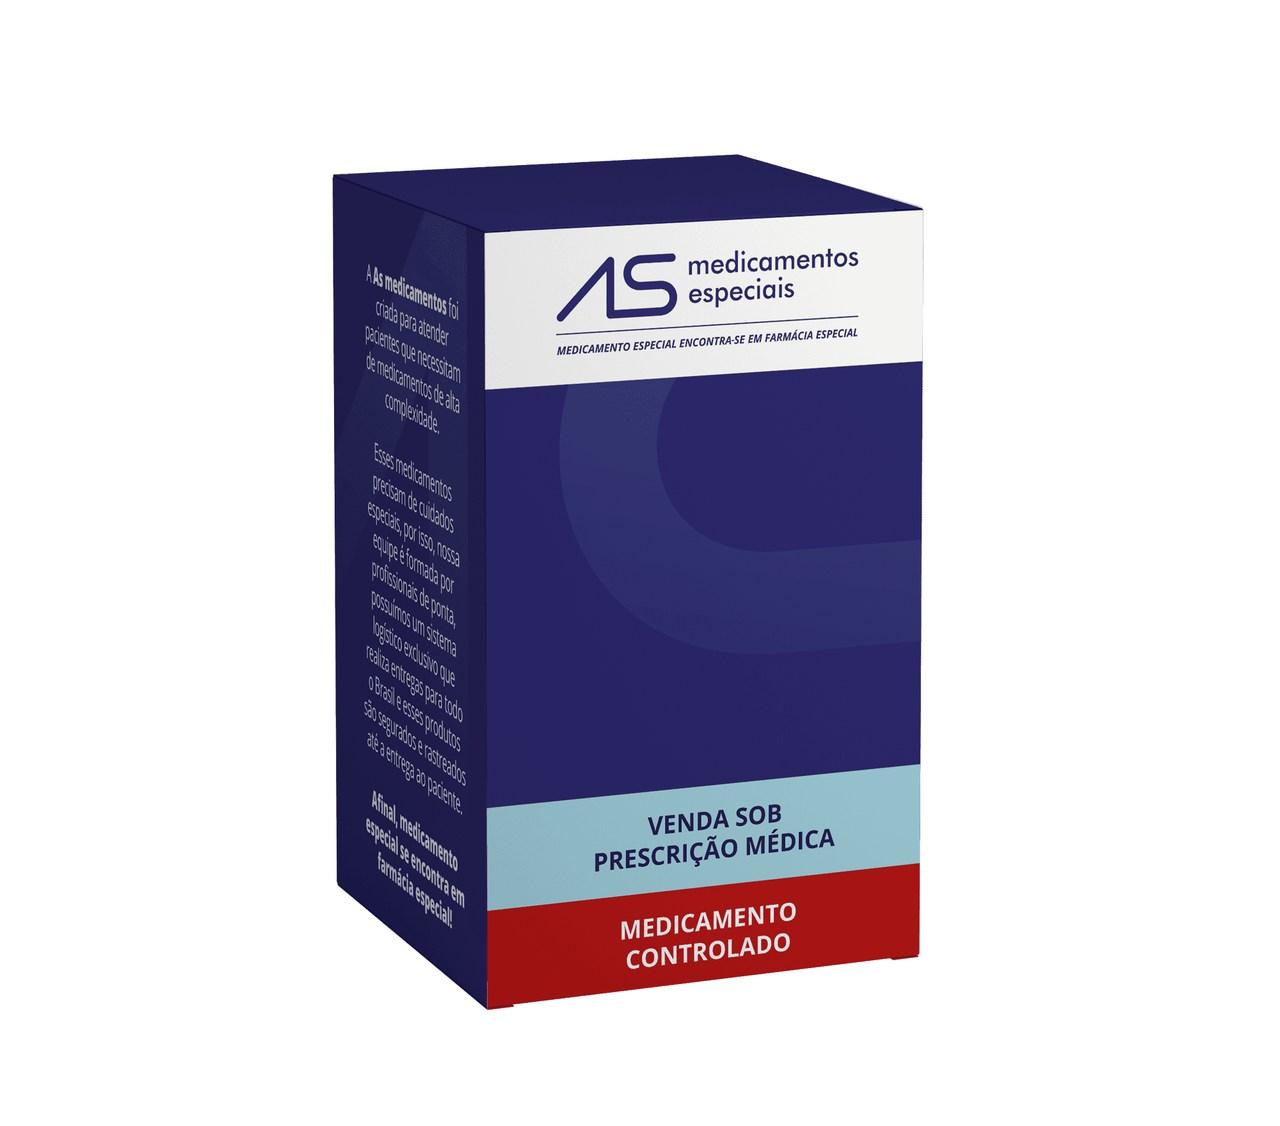 OMNITROPE 15mg SOLUÇÃO INJETÁVEL COM 1,5ml (MEDICAMENTO CONTROLADO, VENDA PELO 0800 580 0105)